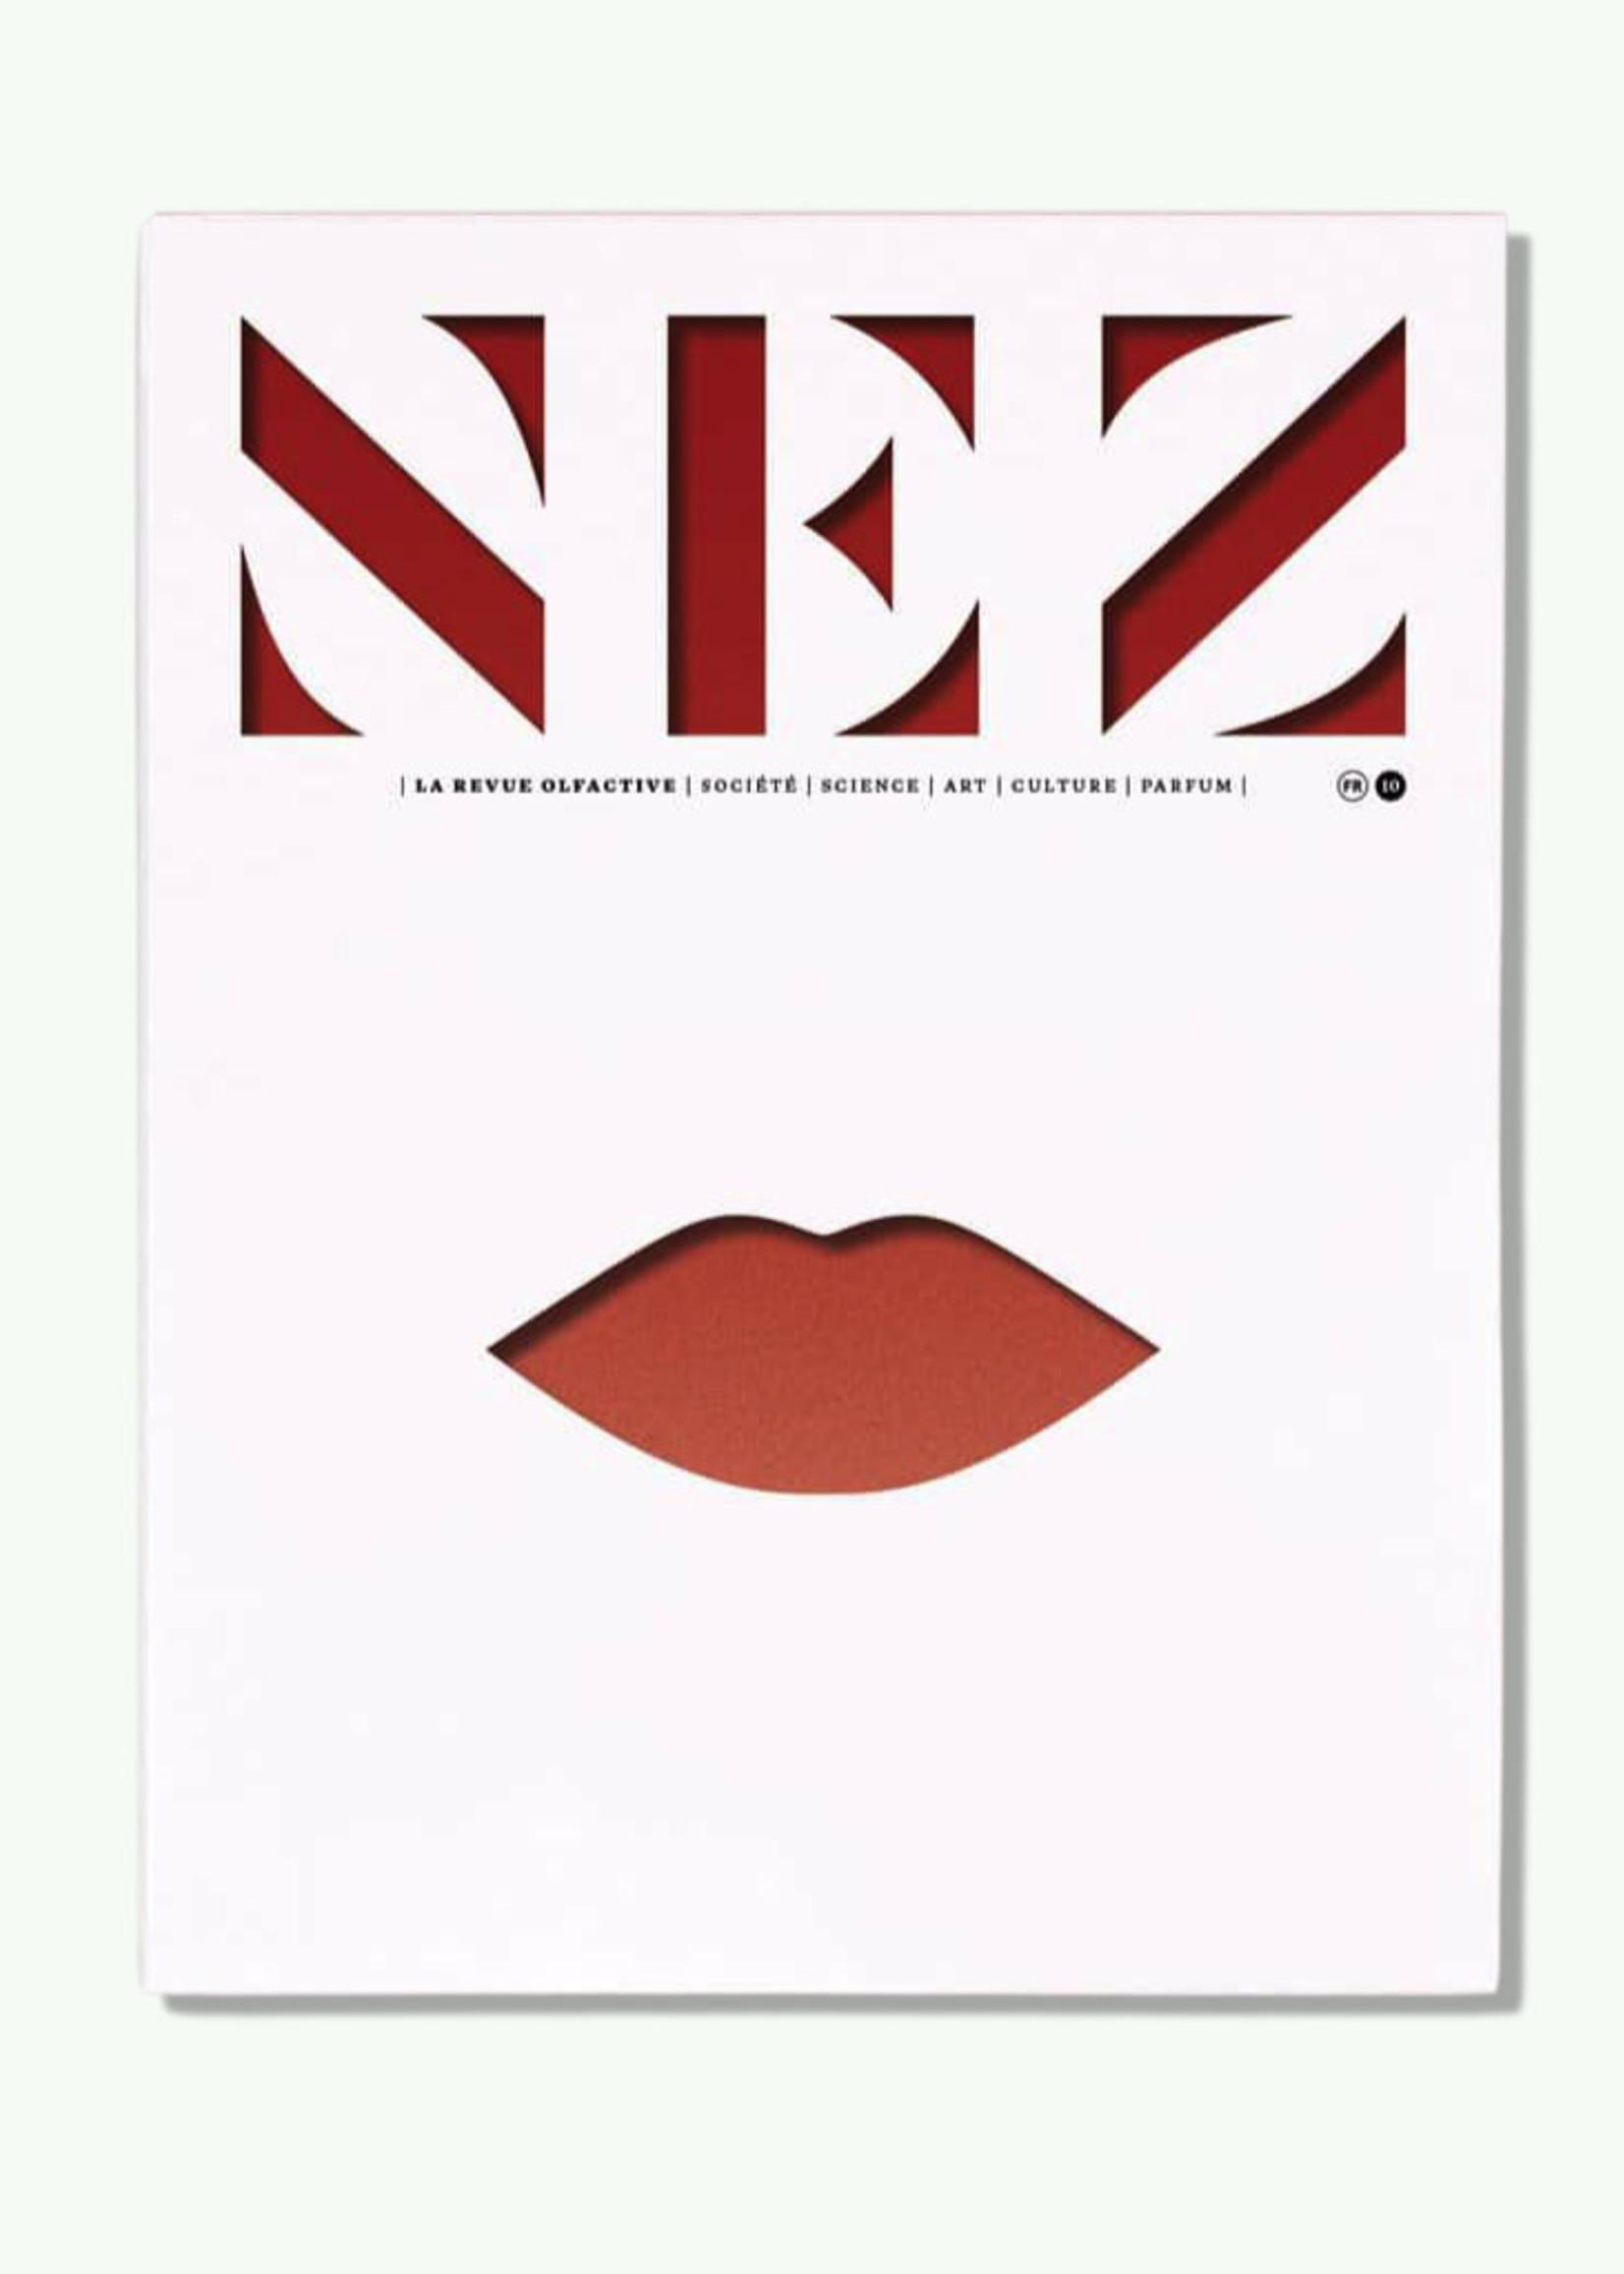 NEZ la revue olfactive NEZ n°10 - La Revue Olfactive